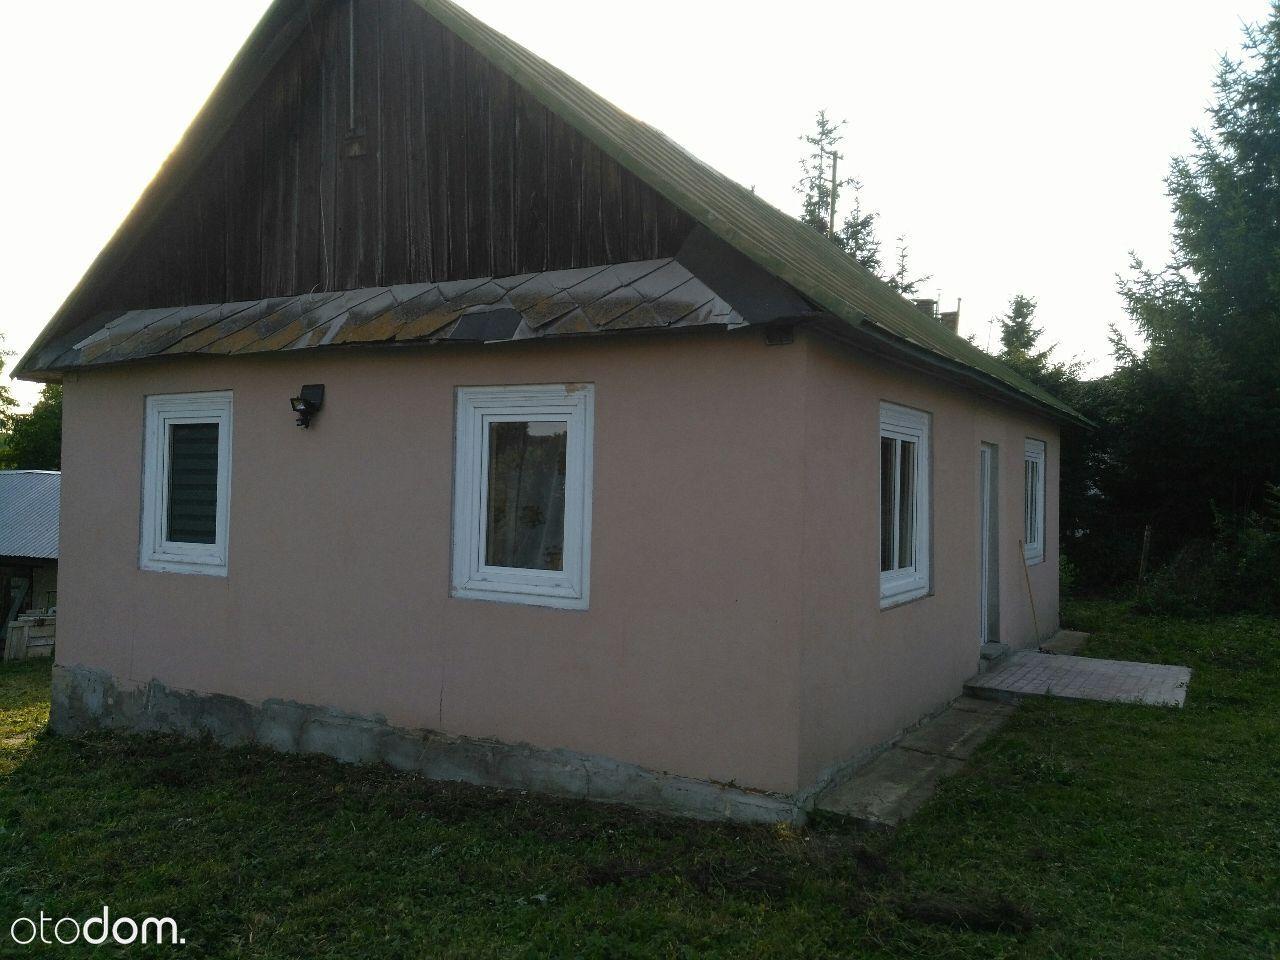 Dom na sprzedaż, Komarów-Osada, zamojski, lubelskie - Foto 1